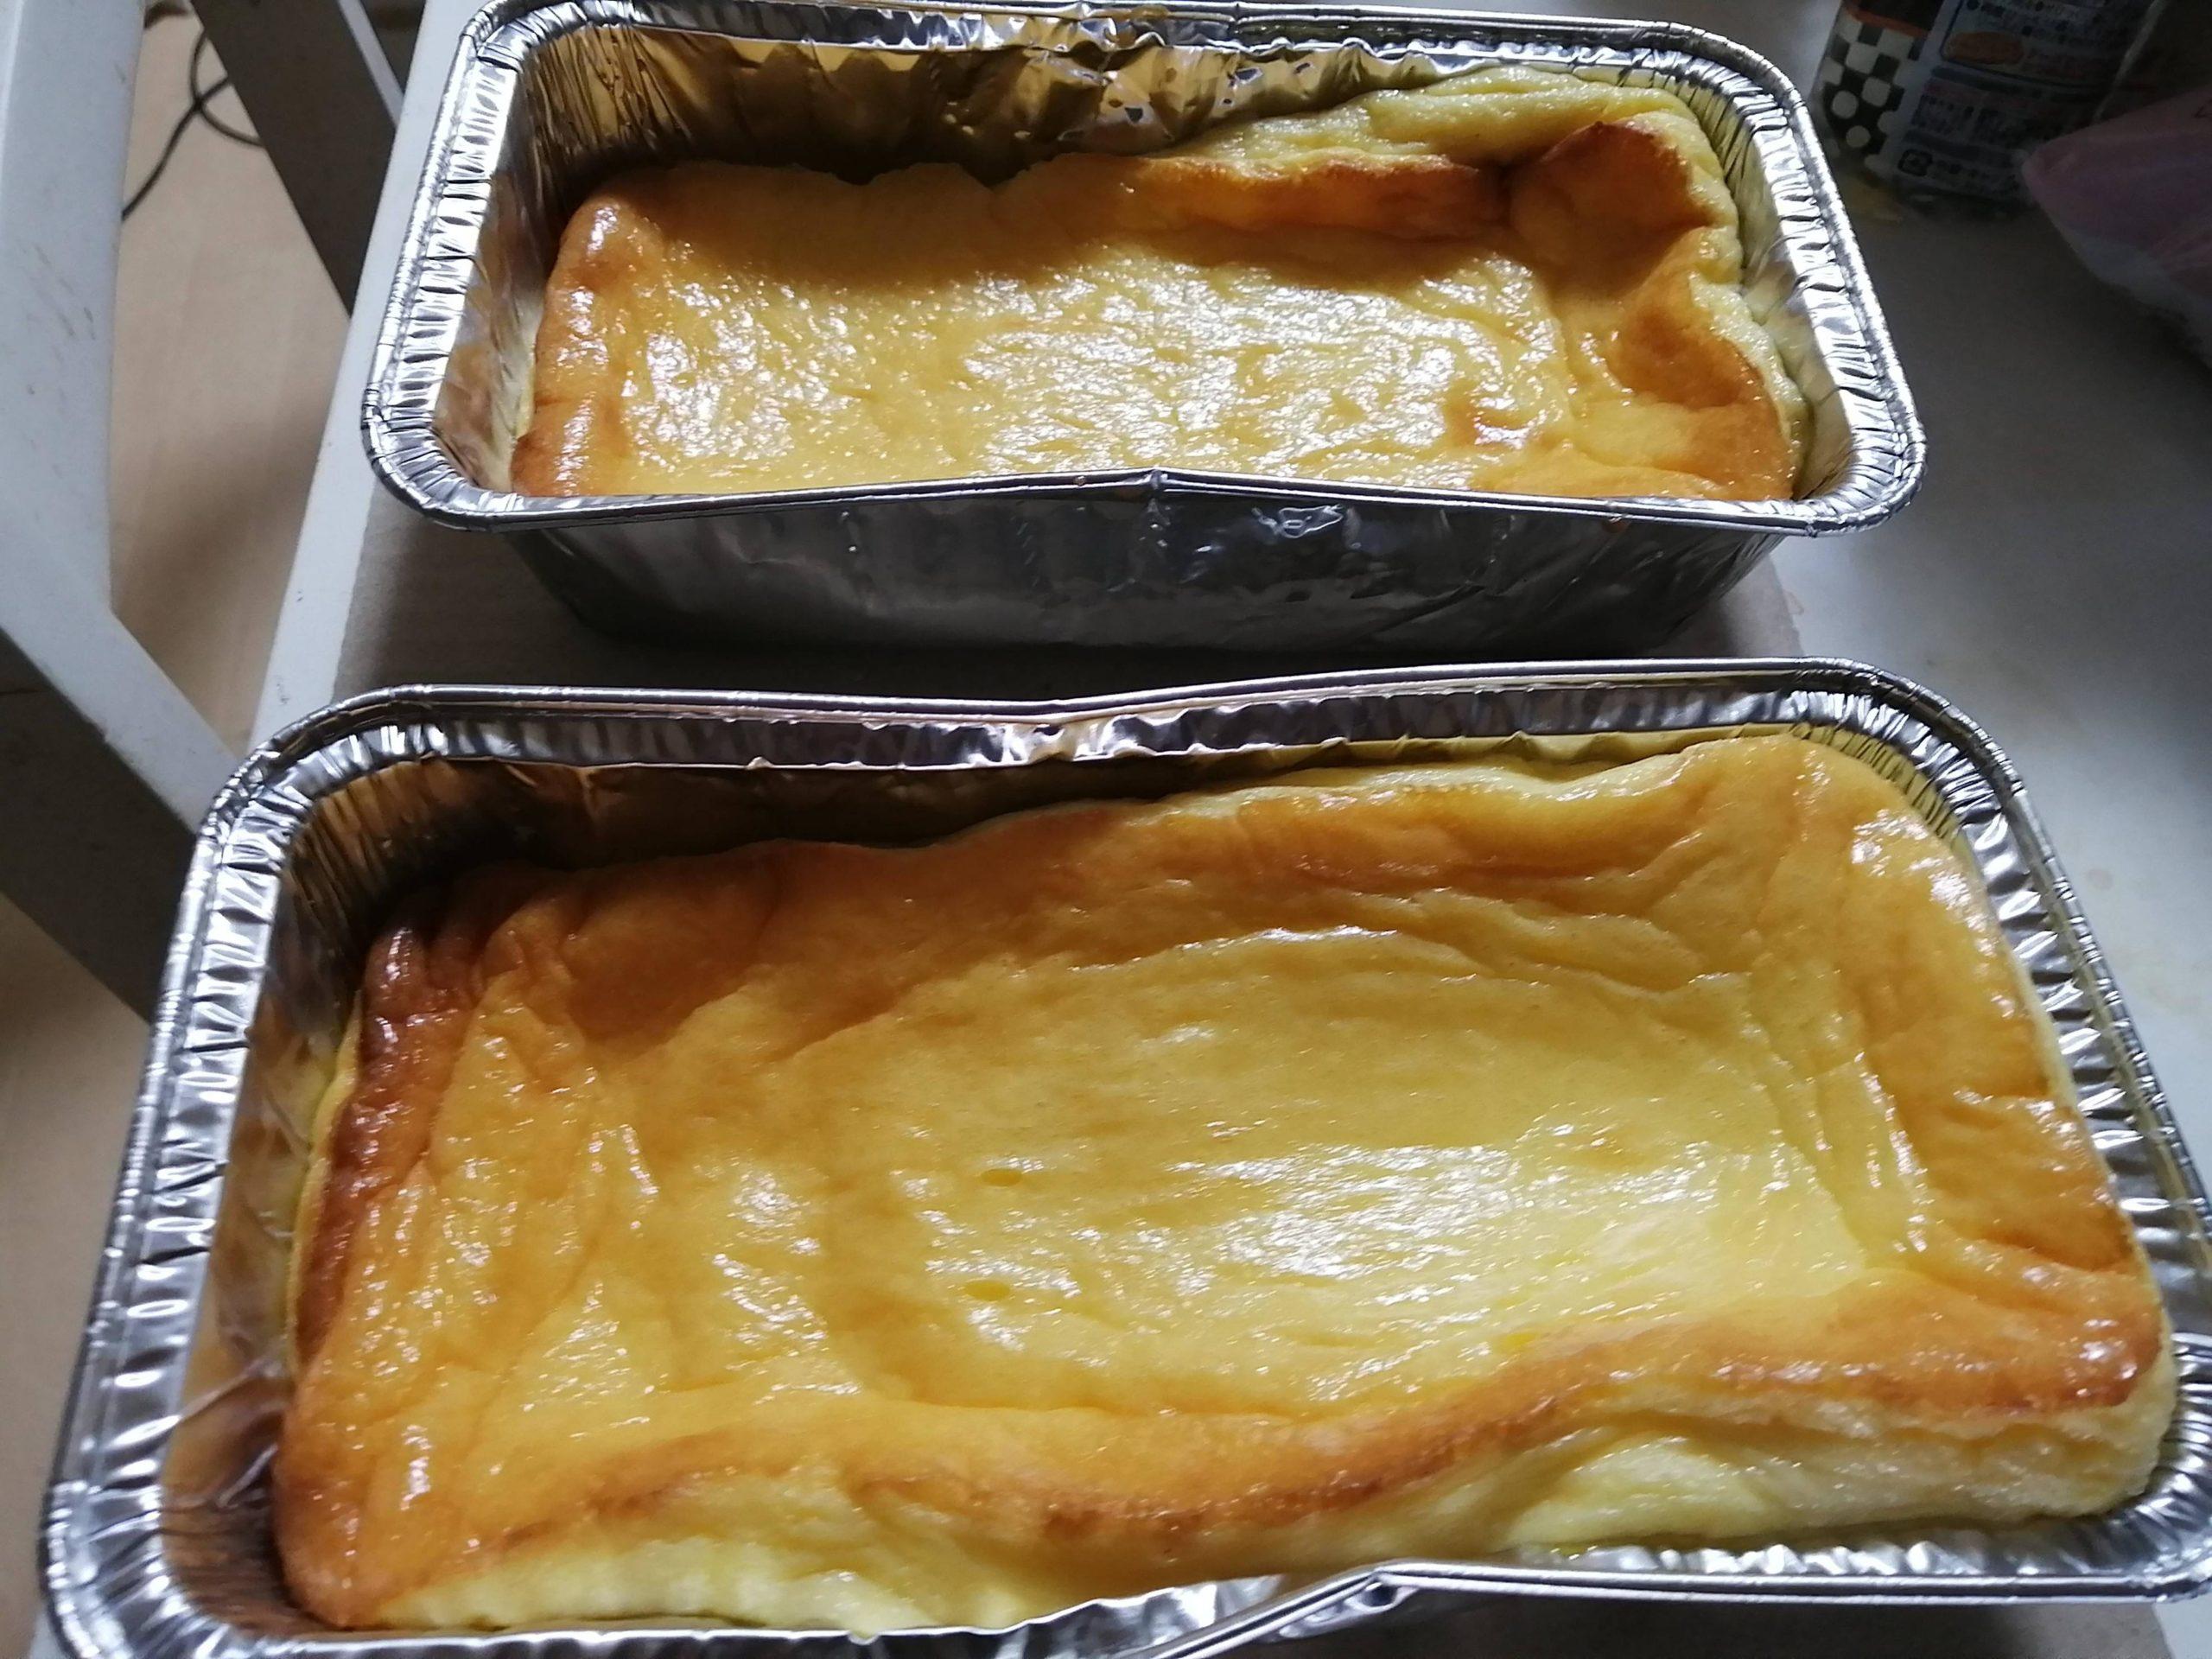 【画像】ワイニート、チーズケーキを焼く